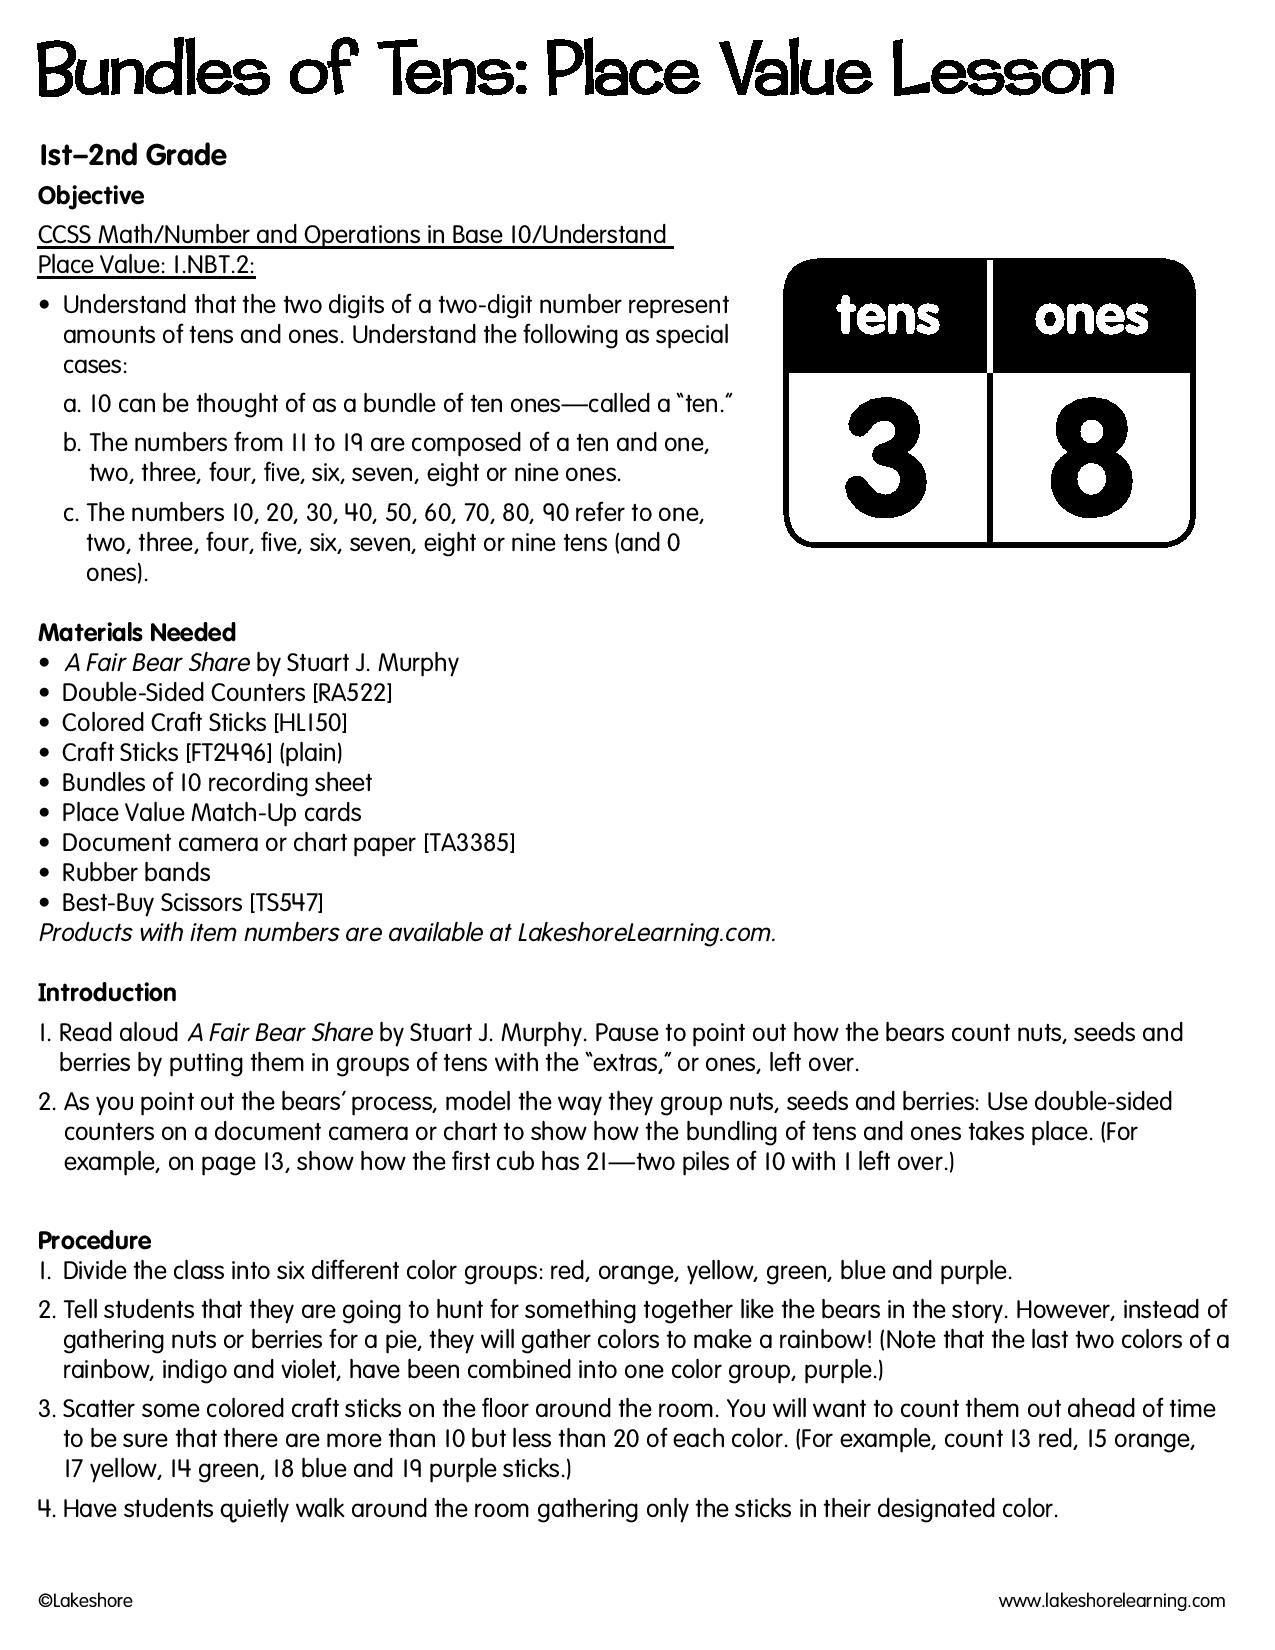 Bundles Of Tens Place Value Lesson Lessonplan